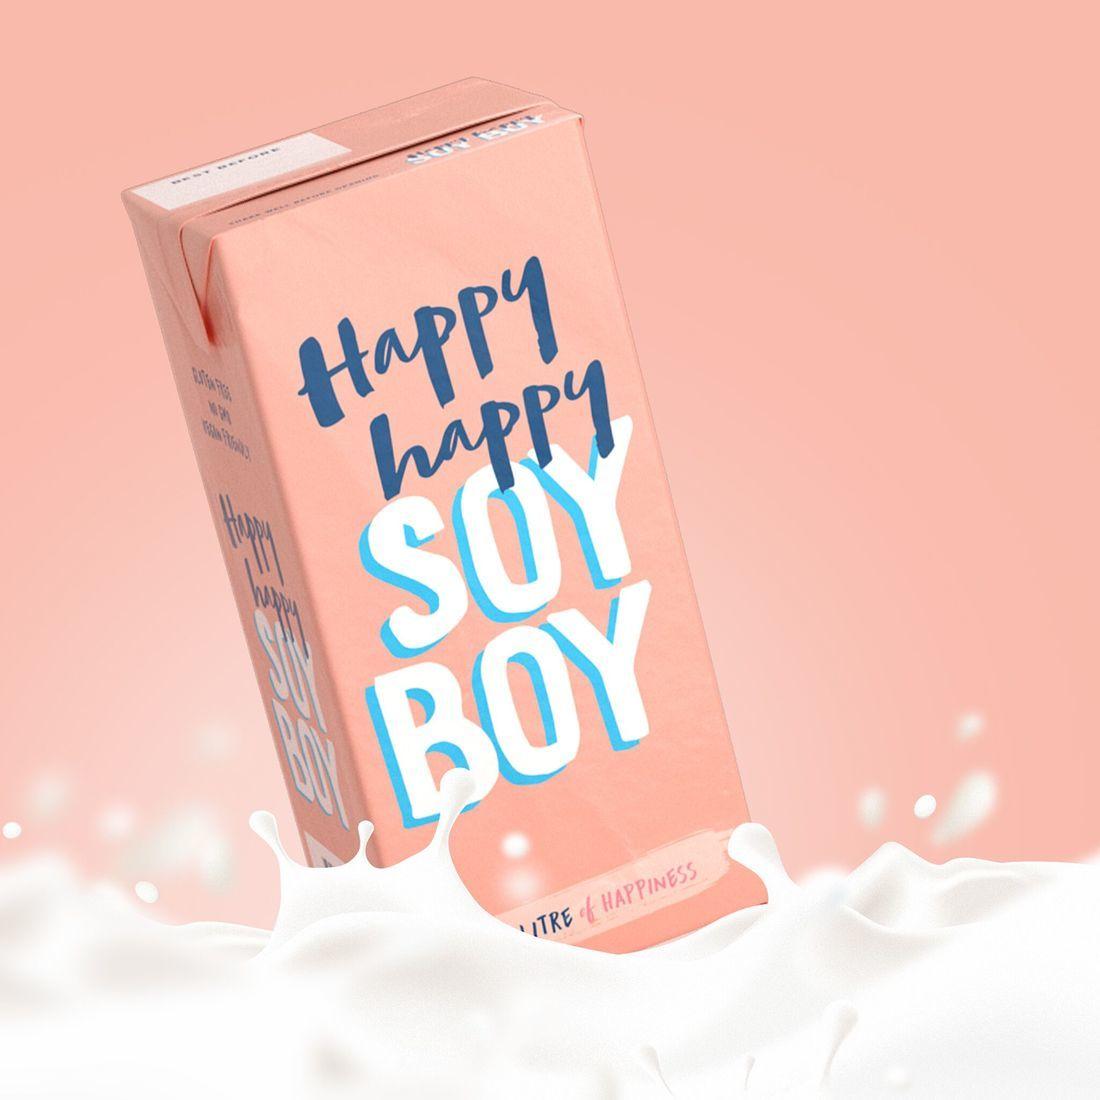 happyhappysoyboy.jpg - large